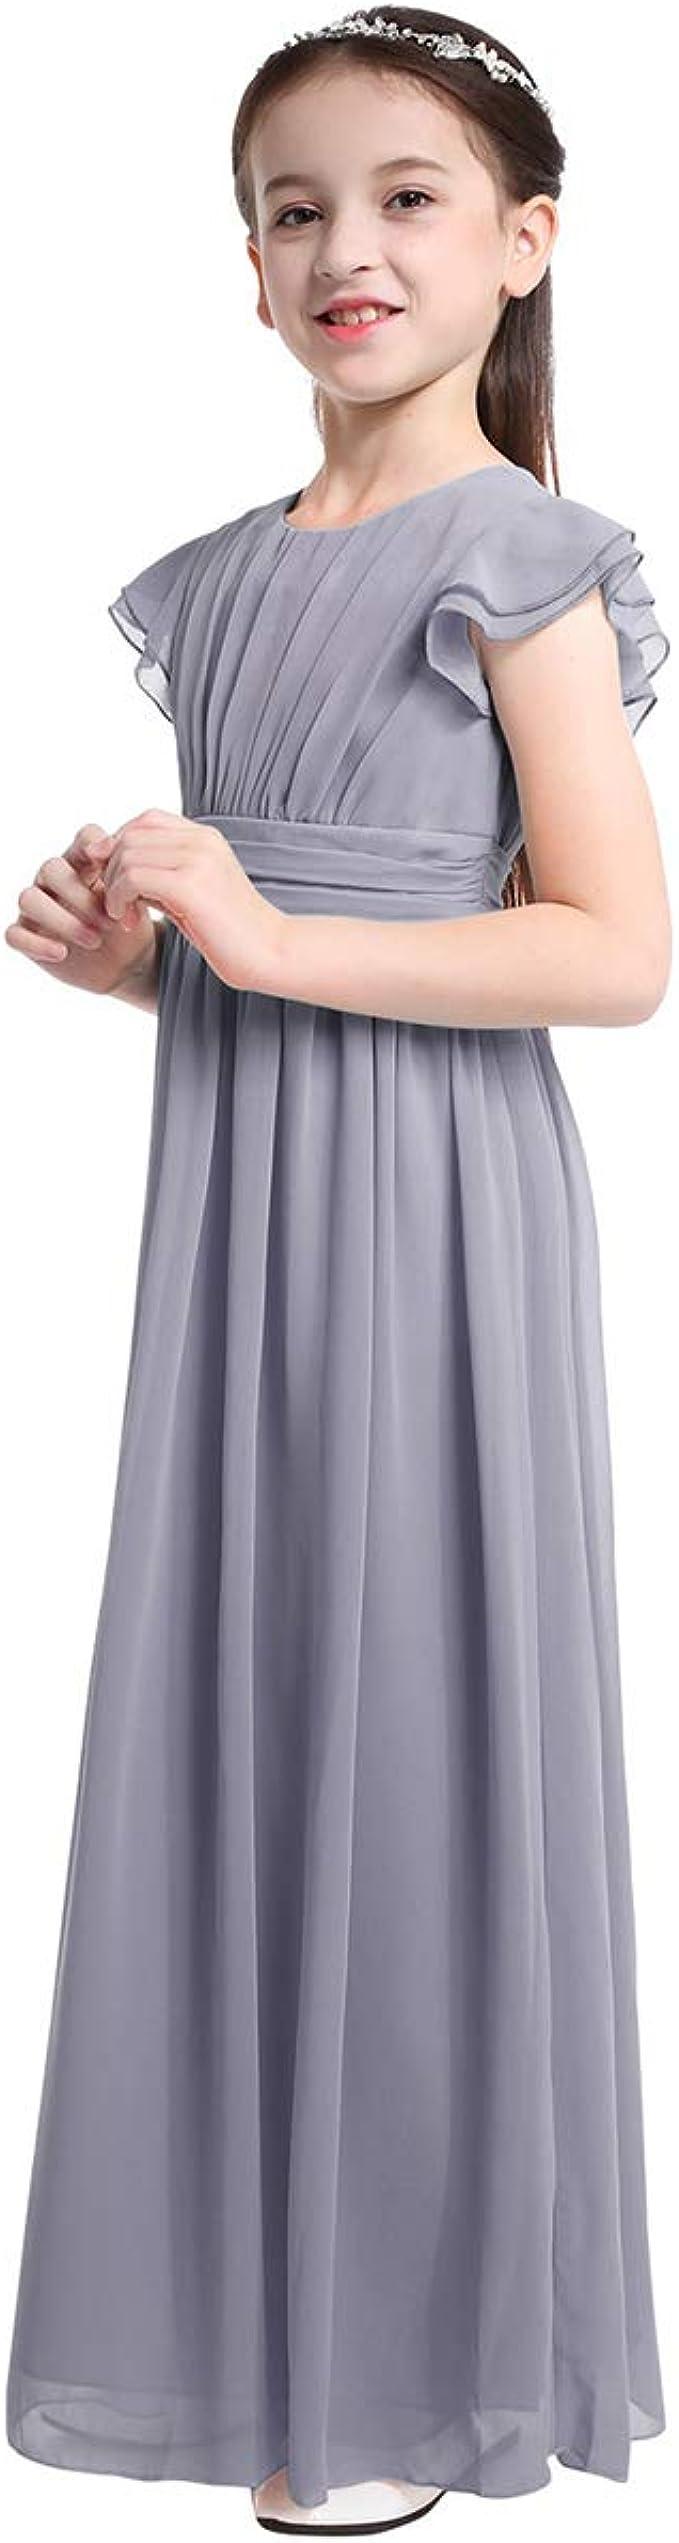 dPois Mädchen Prinzessin Kleid Festlich Kleid Blumenmädchen Kleid  Brautjungfern Kleid Kinder Kleid Hochzeit Elegant Abendkleid Partykleid  Kommunion ...